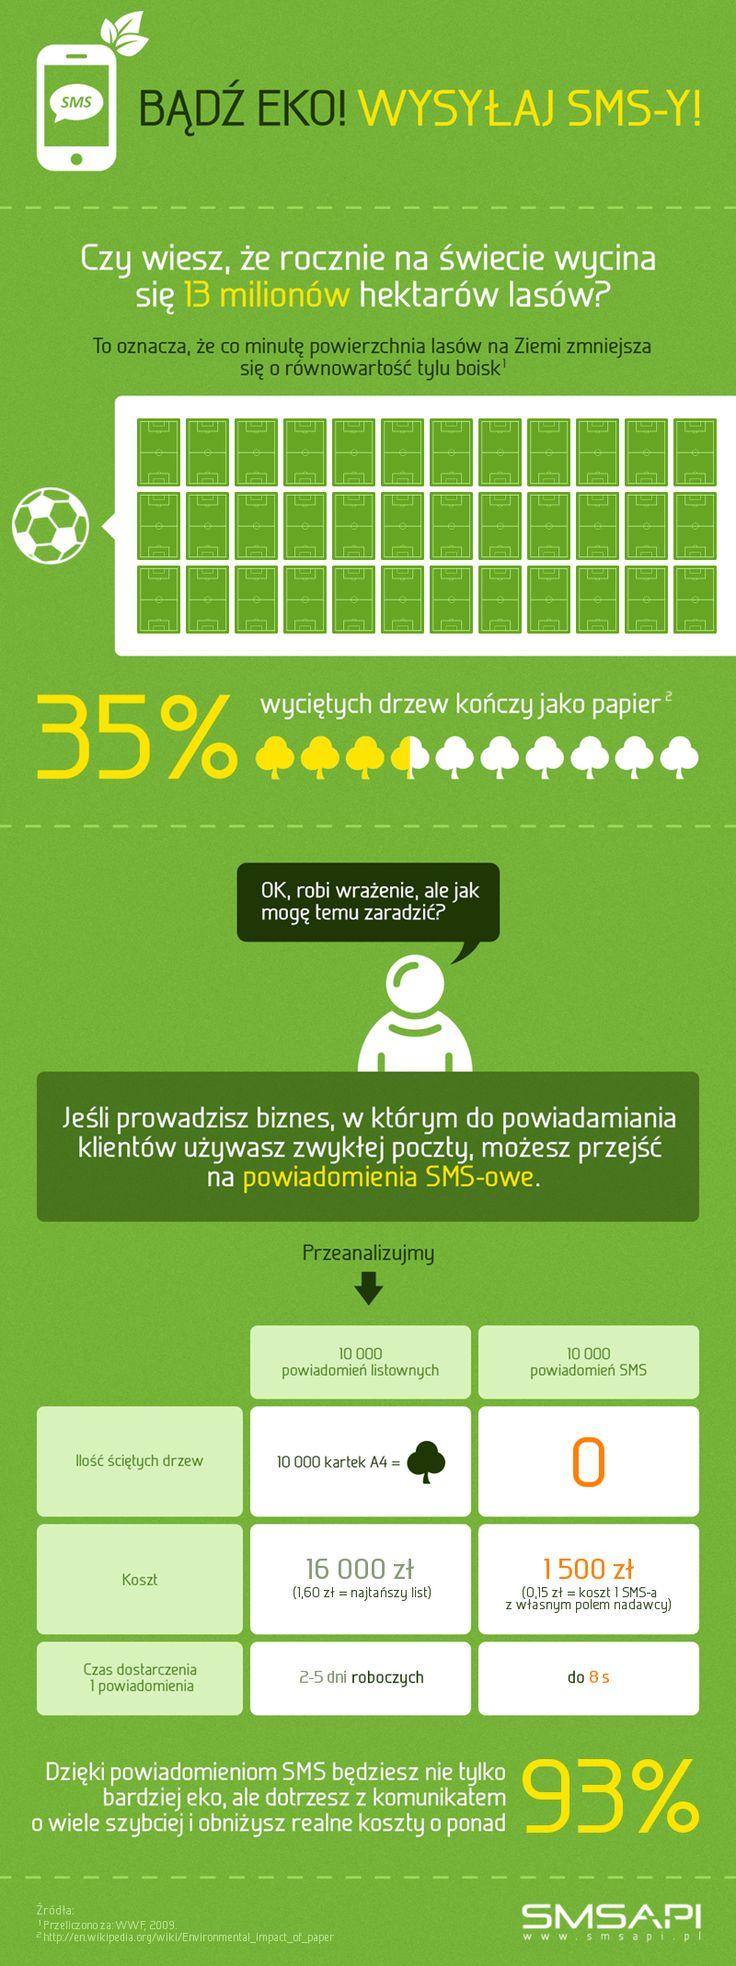 Jak SMS ratuje środowisko - bądź EKO, wysyłaj SMS-y!